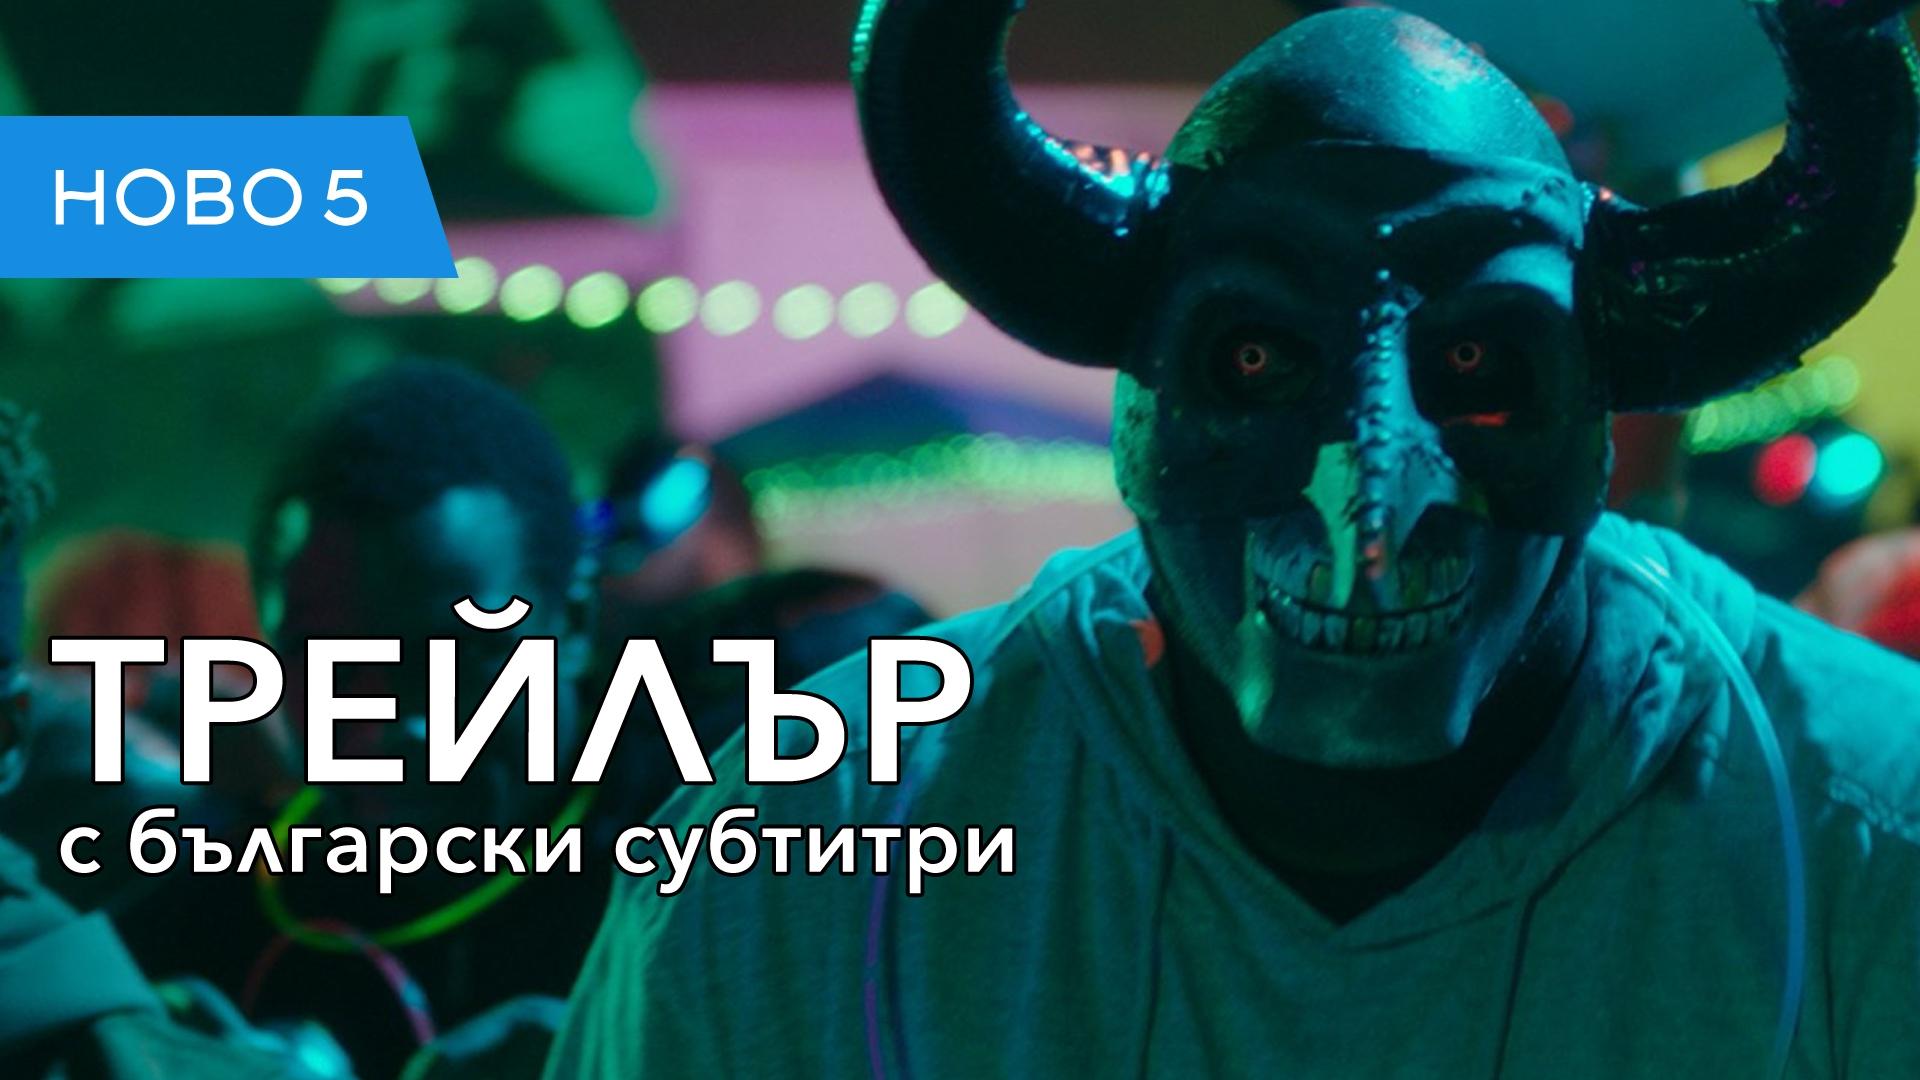 Първата чистка (2018) трейлър с български субтитри